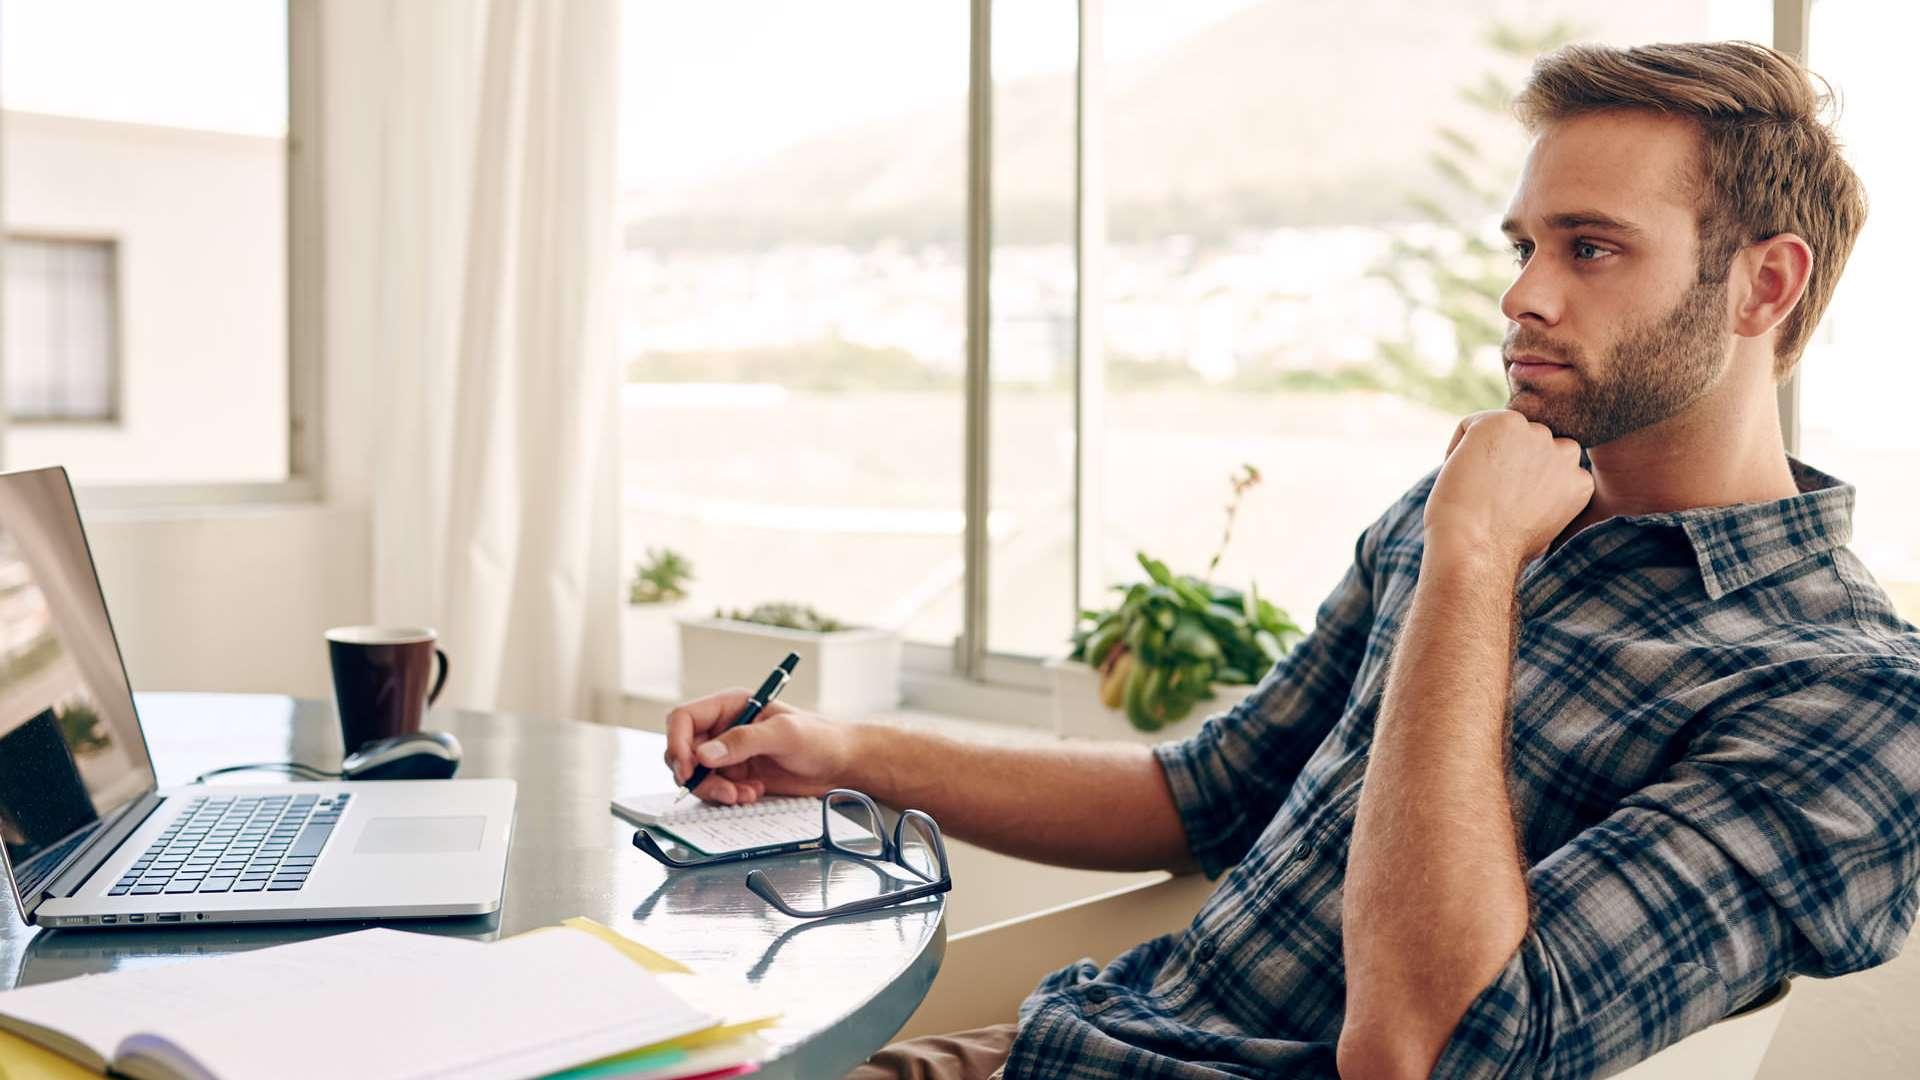 Las personas y las empresas han optado por llevar a cabo sus actividades laborales desde el hogar